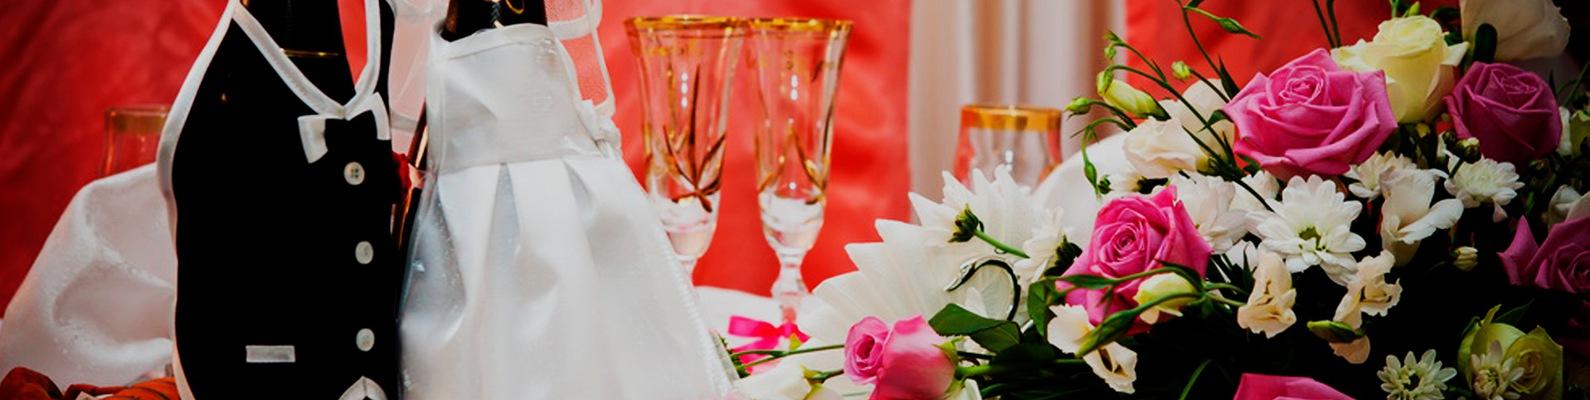 хозяек популярен праздники свадьбы юбилеи картинки аквариуме